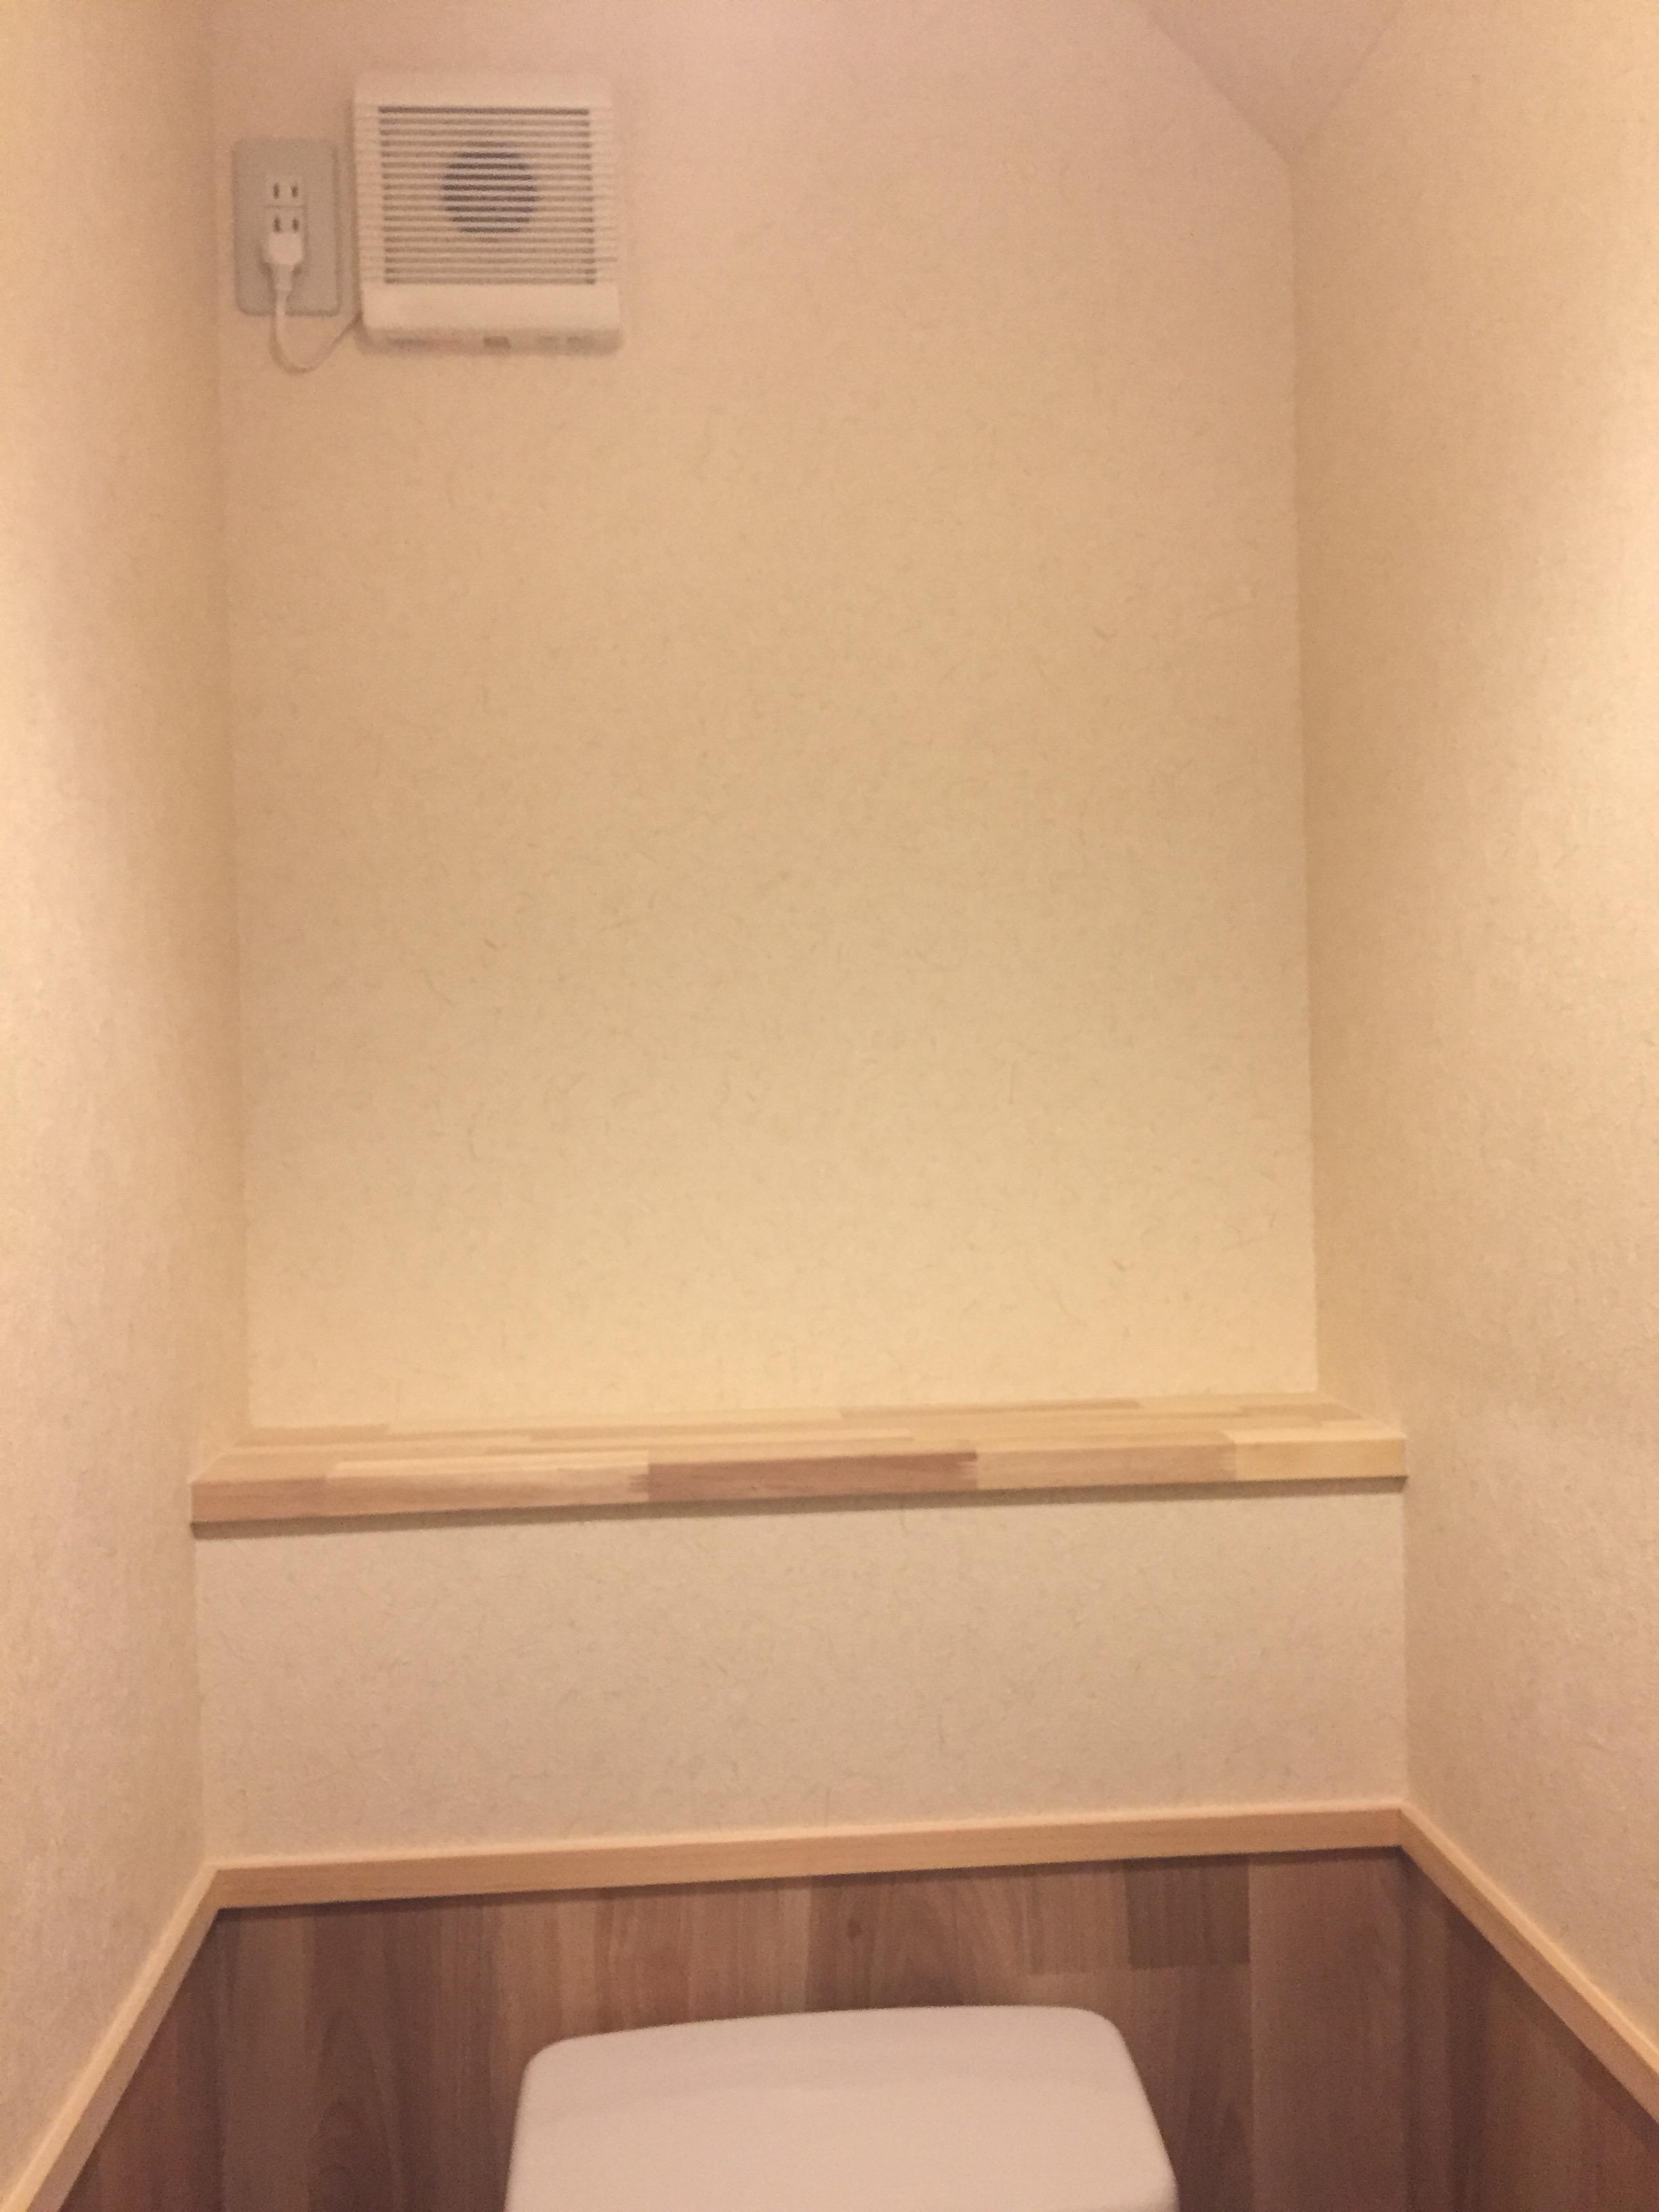 西条市 和式トイレから洋式トイレにリフォーム 施工後 棚